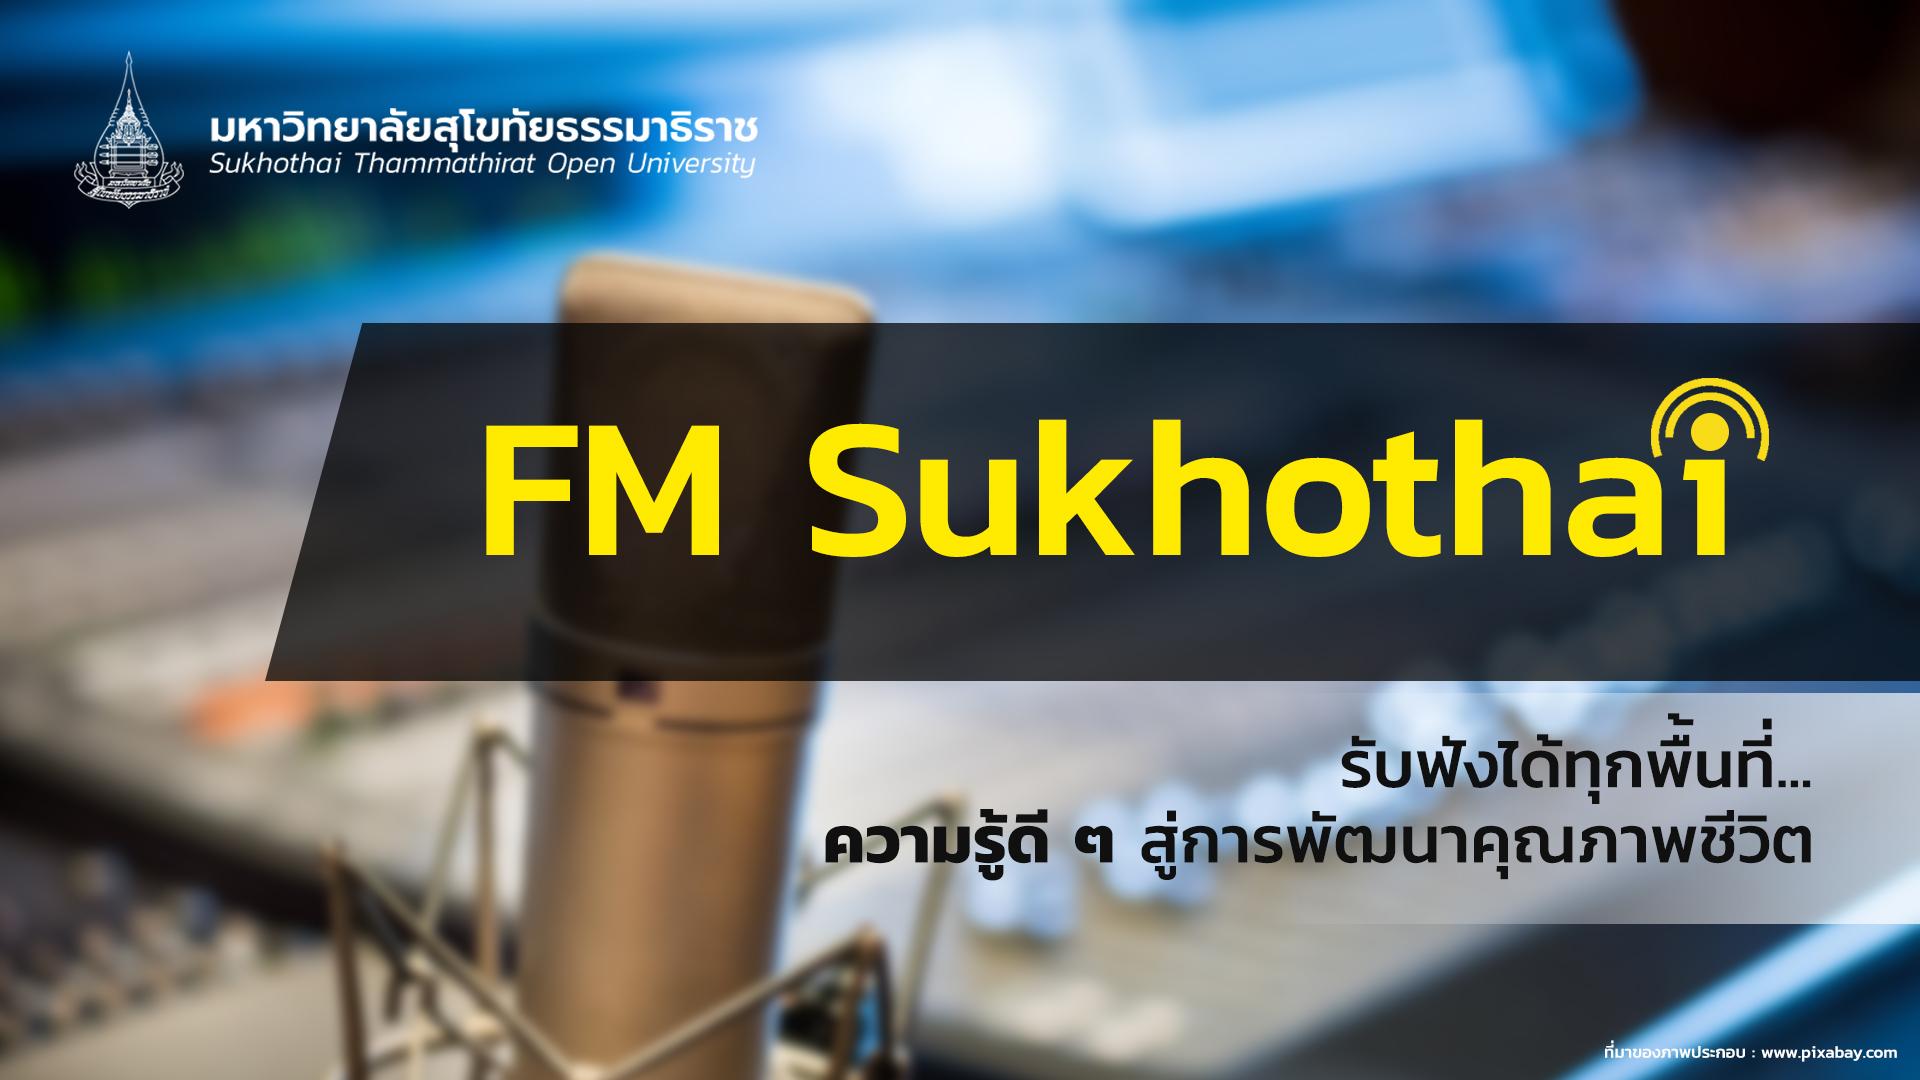 32310 ตลาดการเงิน สถาบัน และนโยบายการเงิน รายการที่ 10